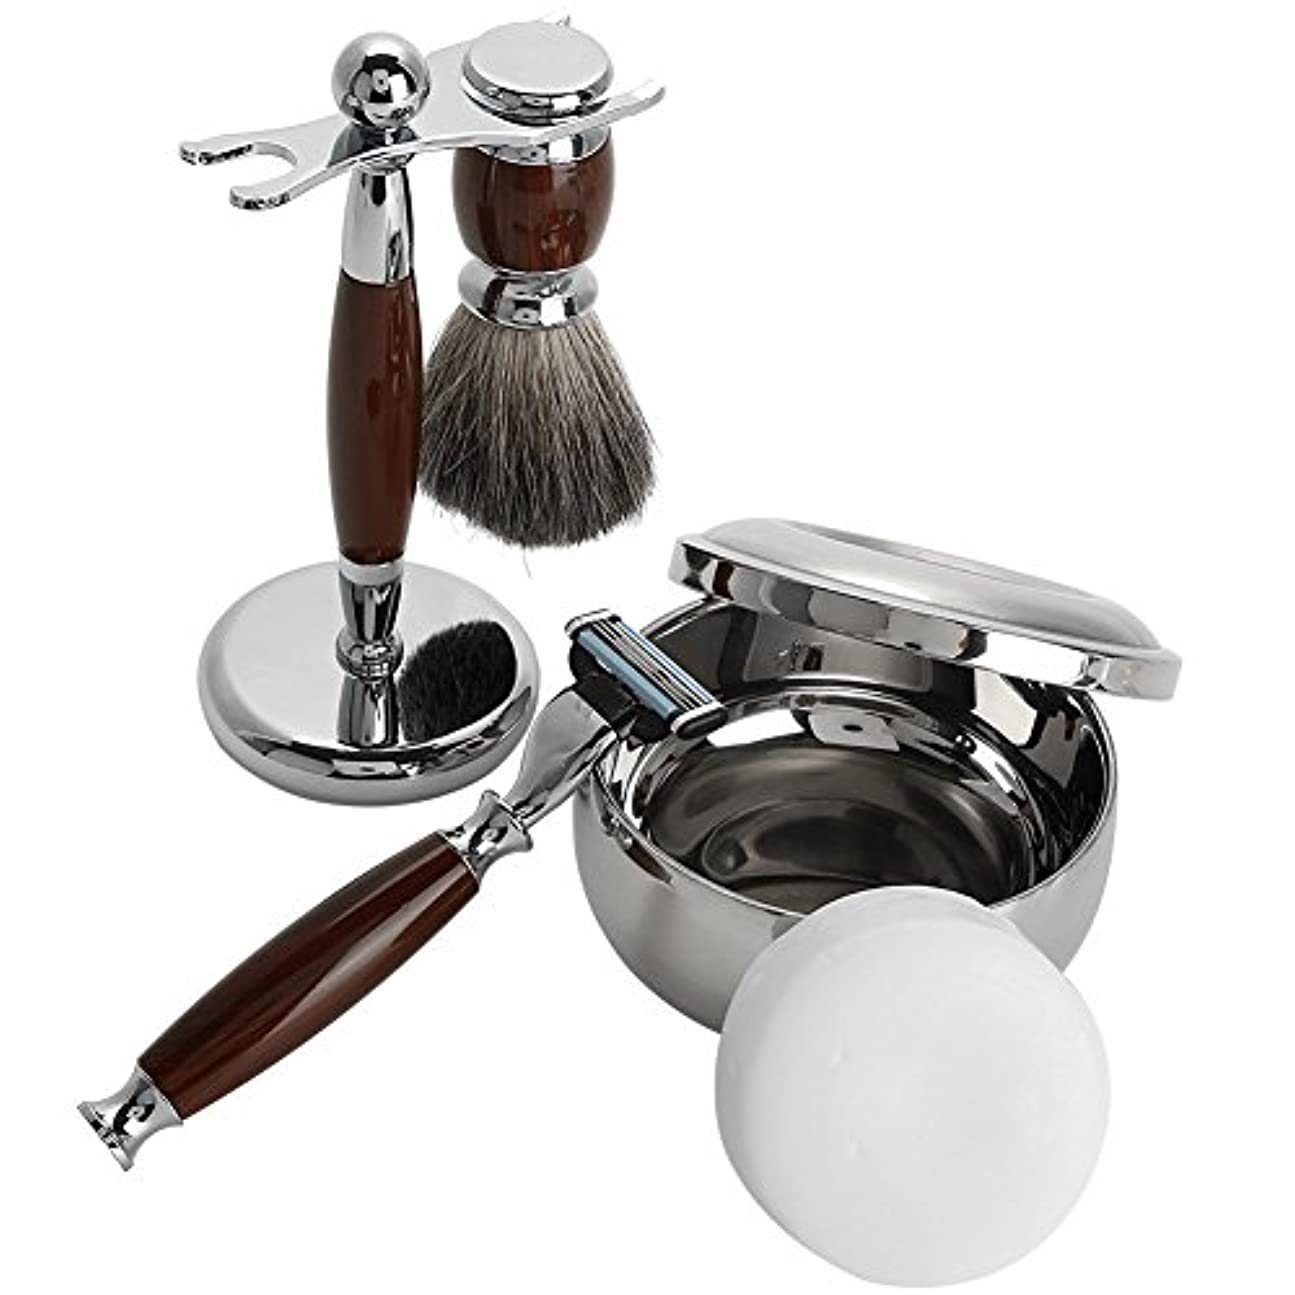 待つ適用済み嫌がる剃刀 -Dewin シェービングブラシセット、剃刀スタンド、石鹸ボウル、石鹸、洗顔ブラシ、髭剃り、泡立ち、メンズ